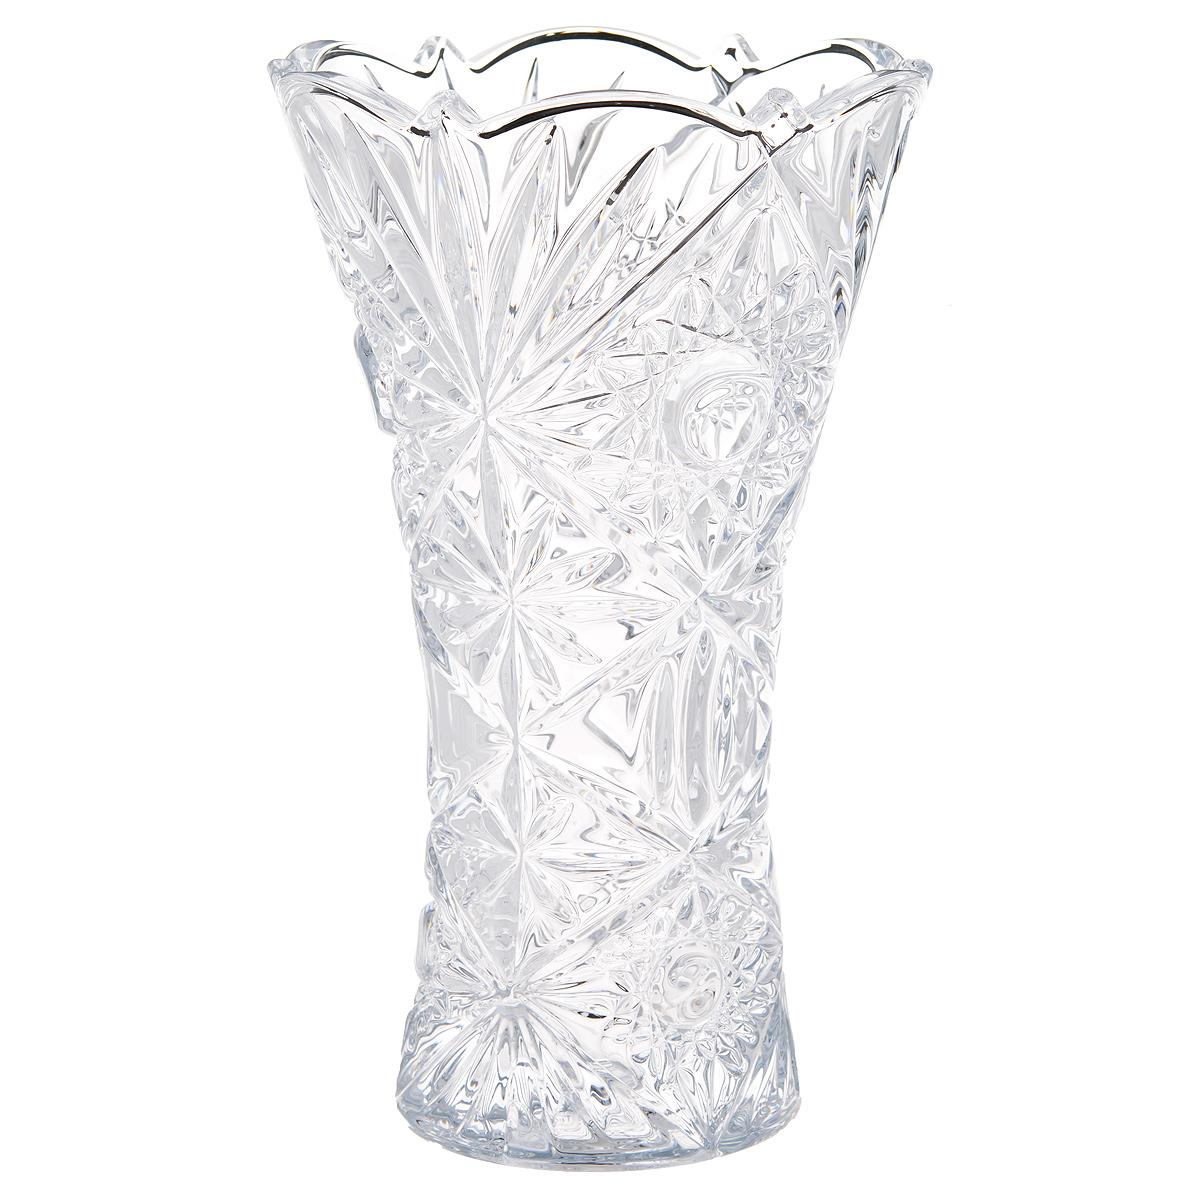 Ваза Crystalite Bohemia Тукана-Миранда, высота 20,5 см89001/0/99018/205Изящная ваза Crystalite Bohemia Тукана-Миранда изготовлена из прочного утолщенного стекла кристалайт. Она красиво переливается и излучает приятный блеск. Ваза оснащена оригинальным рельефным орнаментом и неровными краями, что делает ее изящным украшением интерьера. Ваза Crystalite Bohemia Тукана-Миранда дополнит интерьер офиса или дома и станет желанным и стильным подарком.